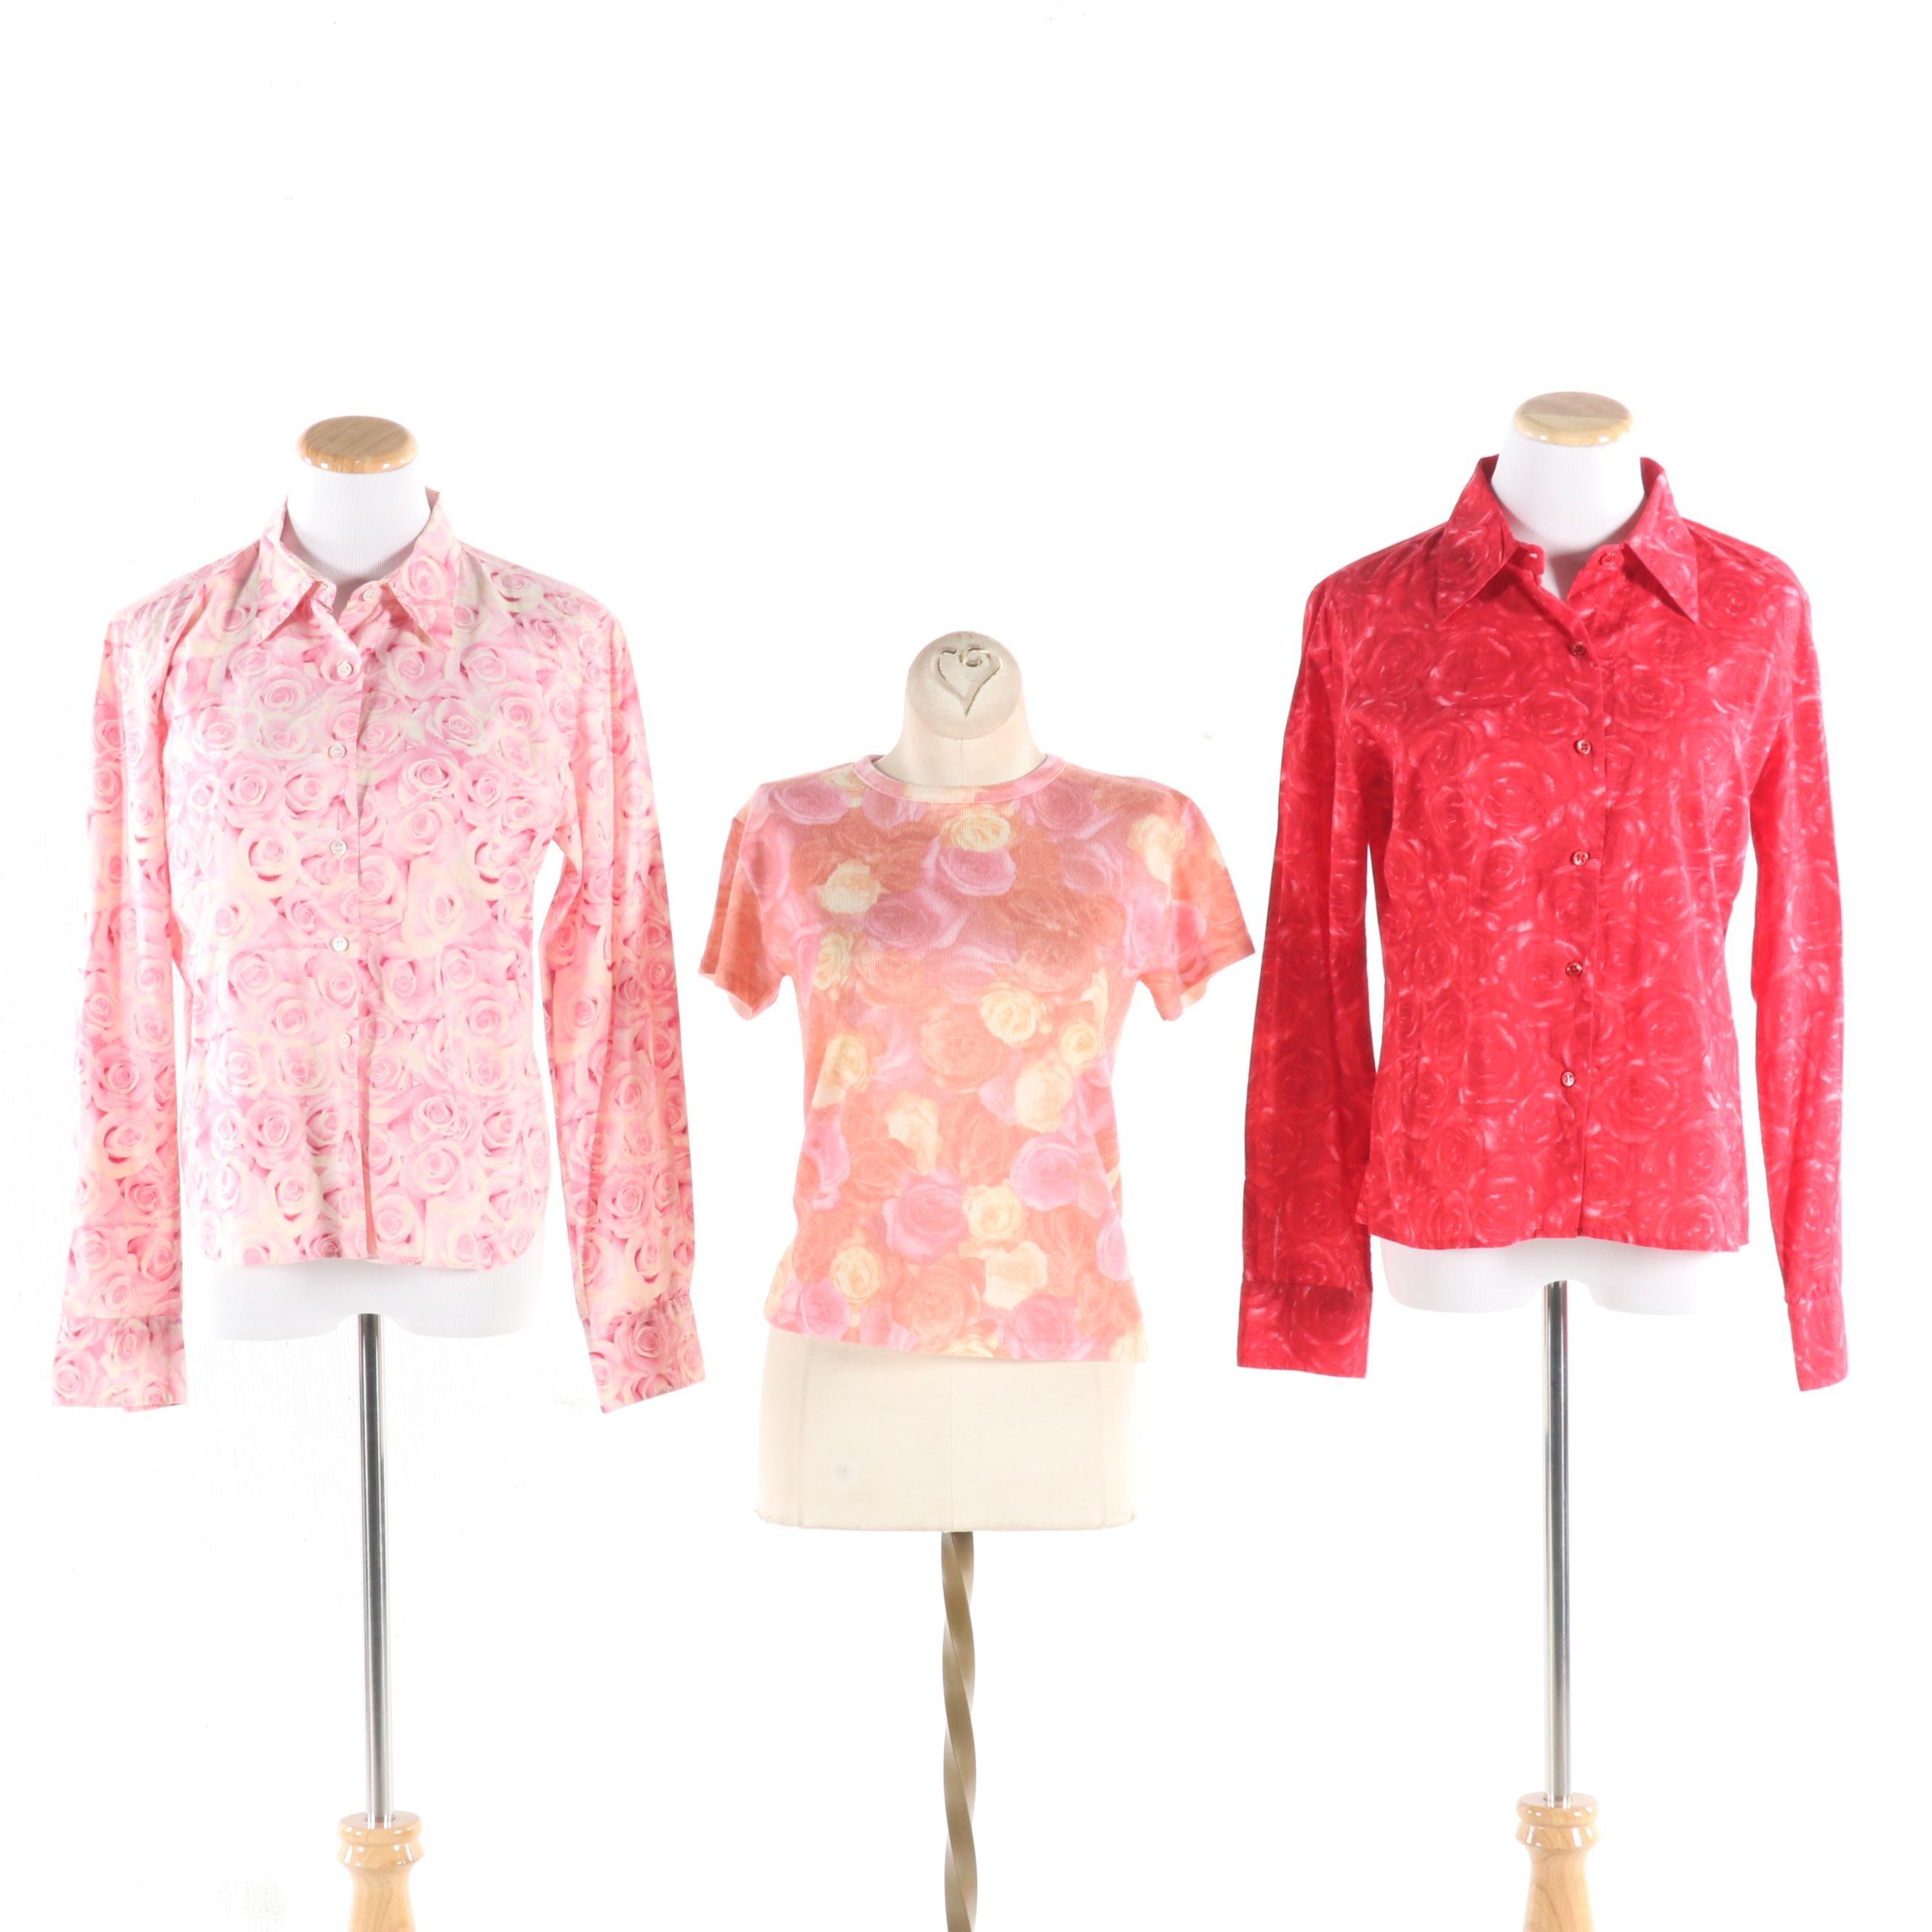 Agnes B. Paris Floral Print Button-Front Blouses and Knit Top